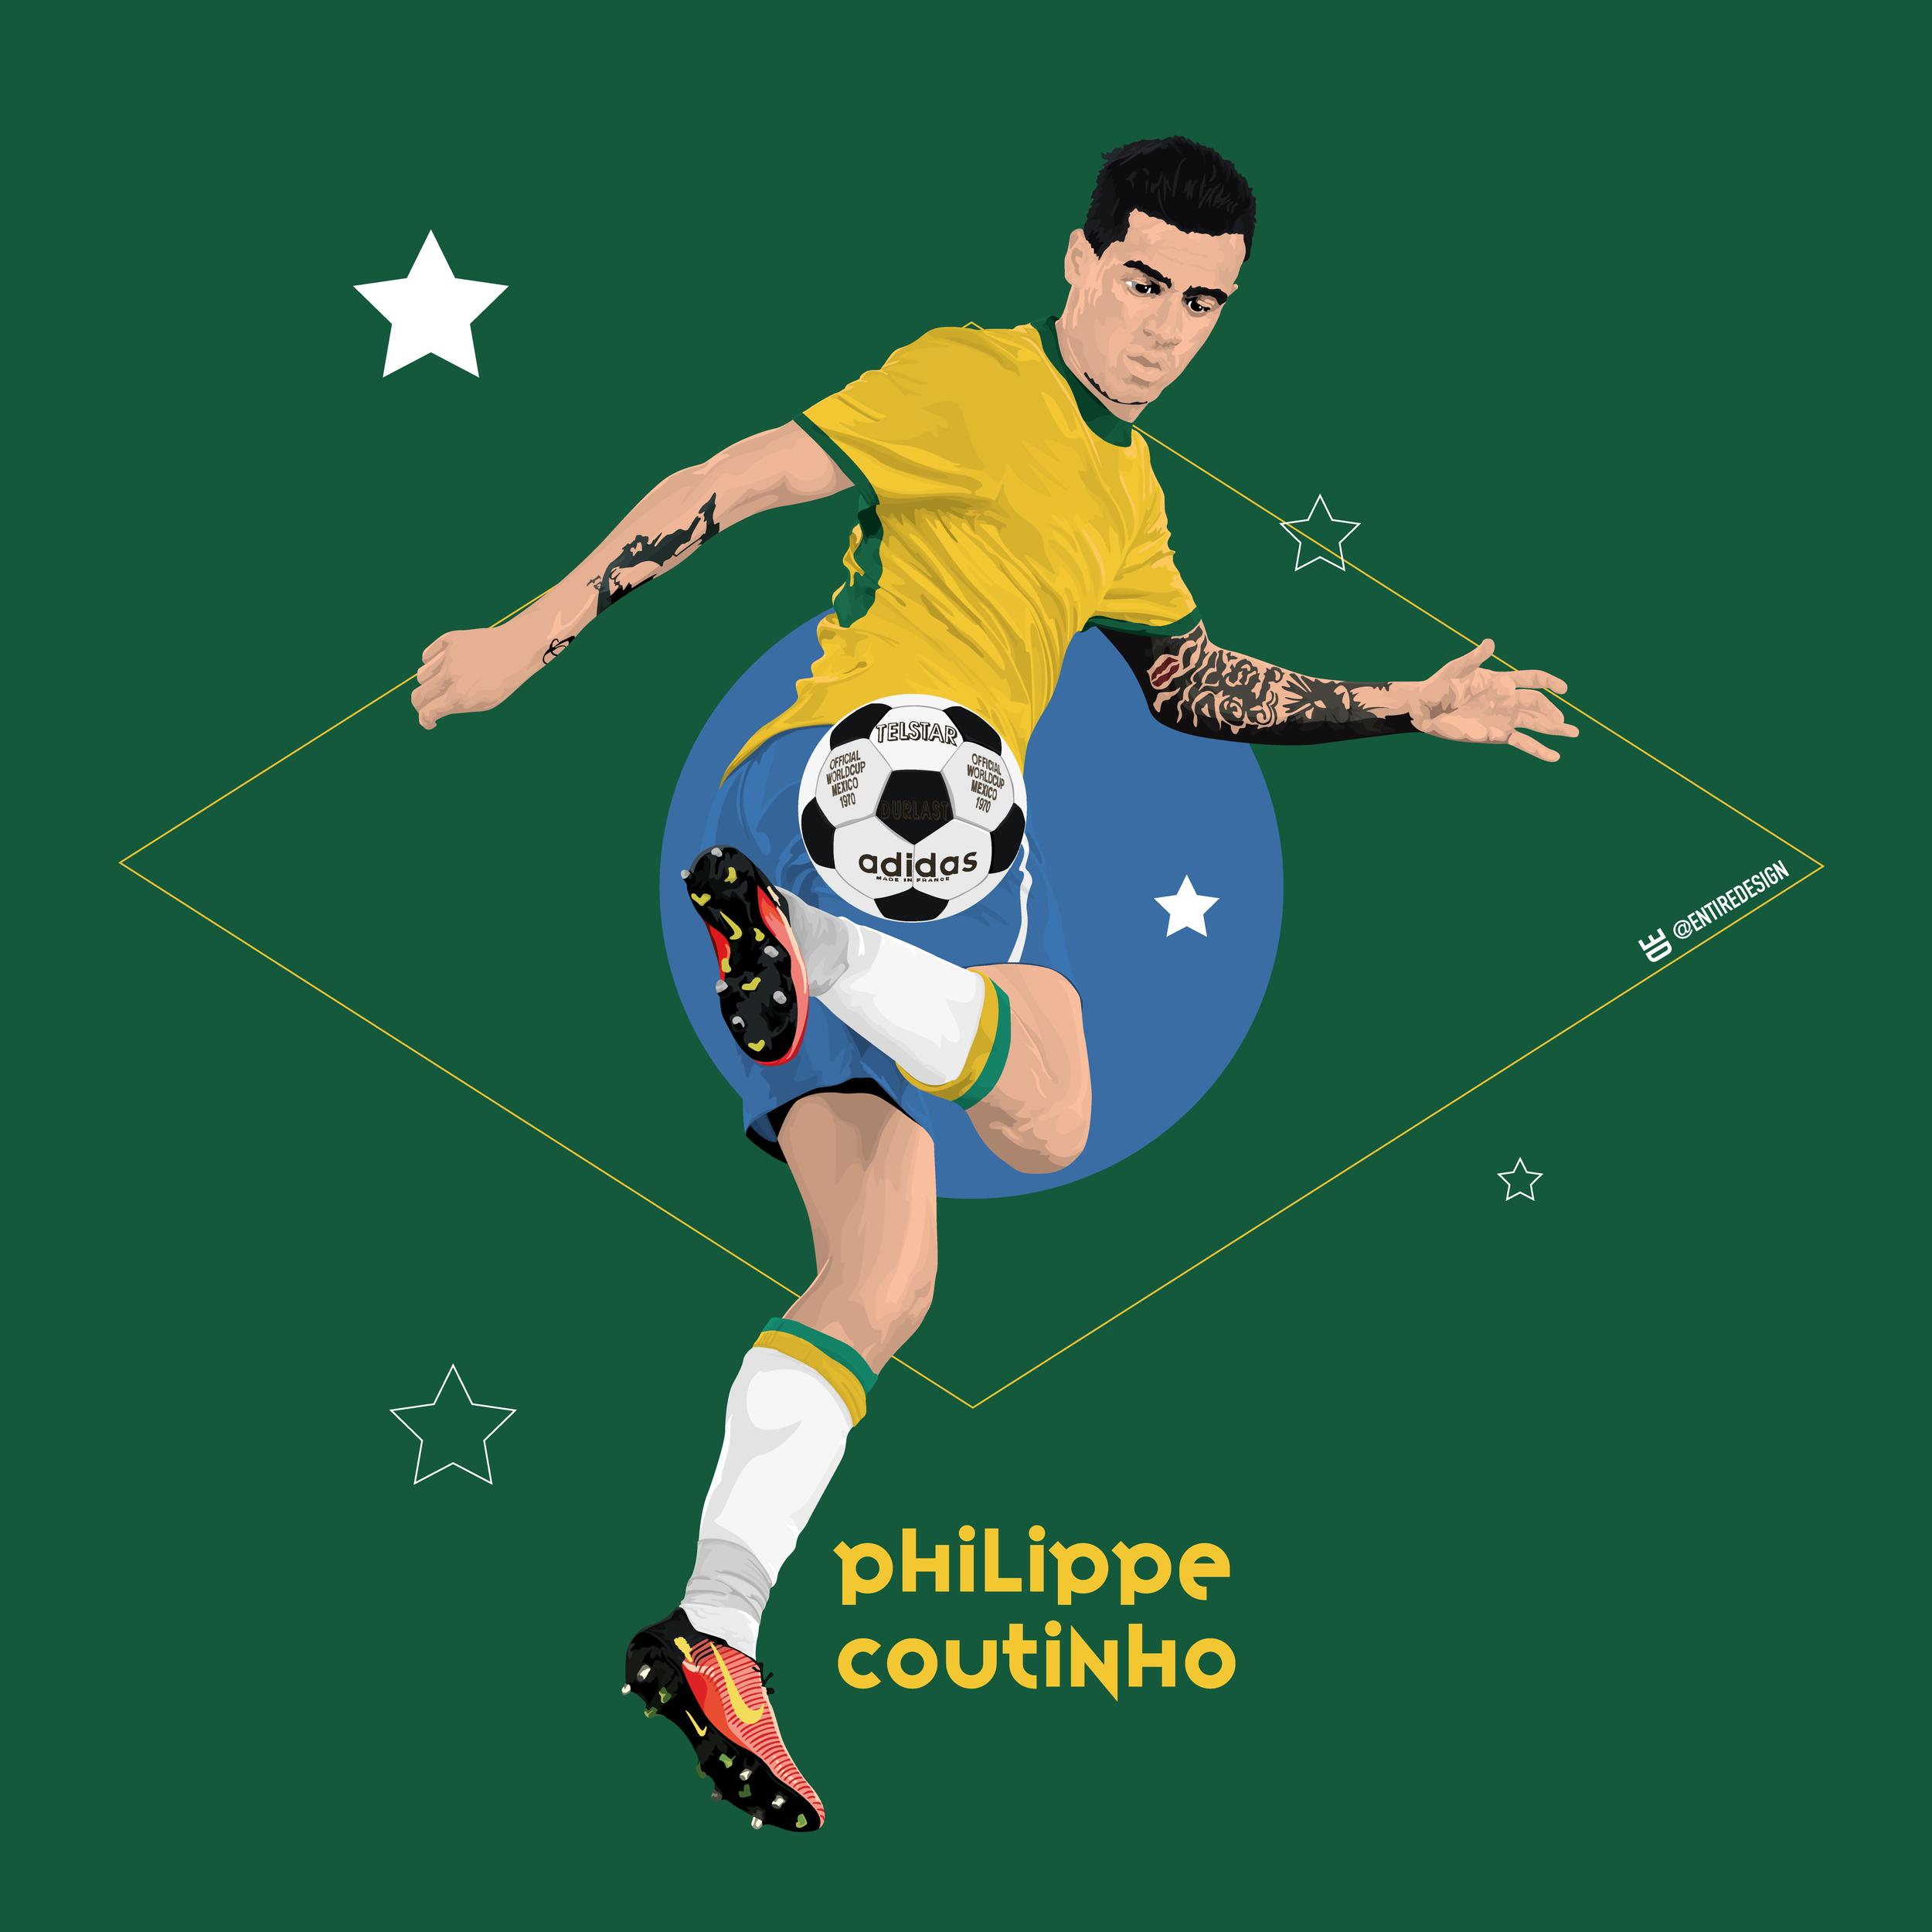 CoutinhoBrazil.png